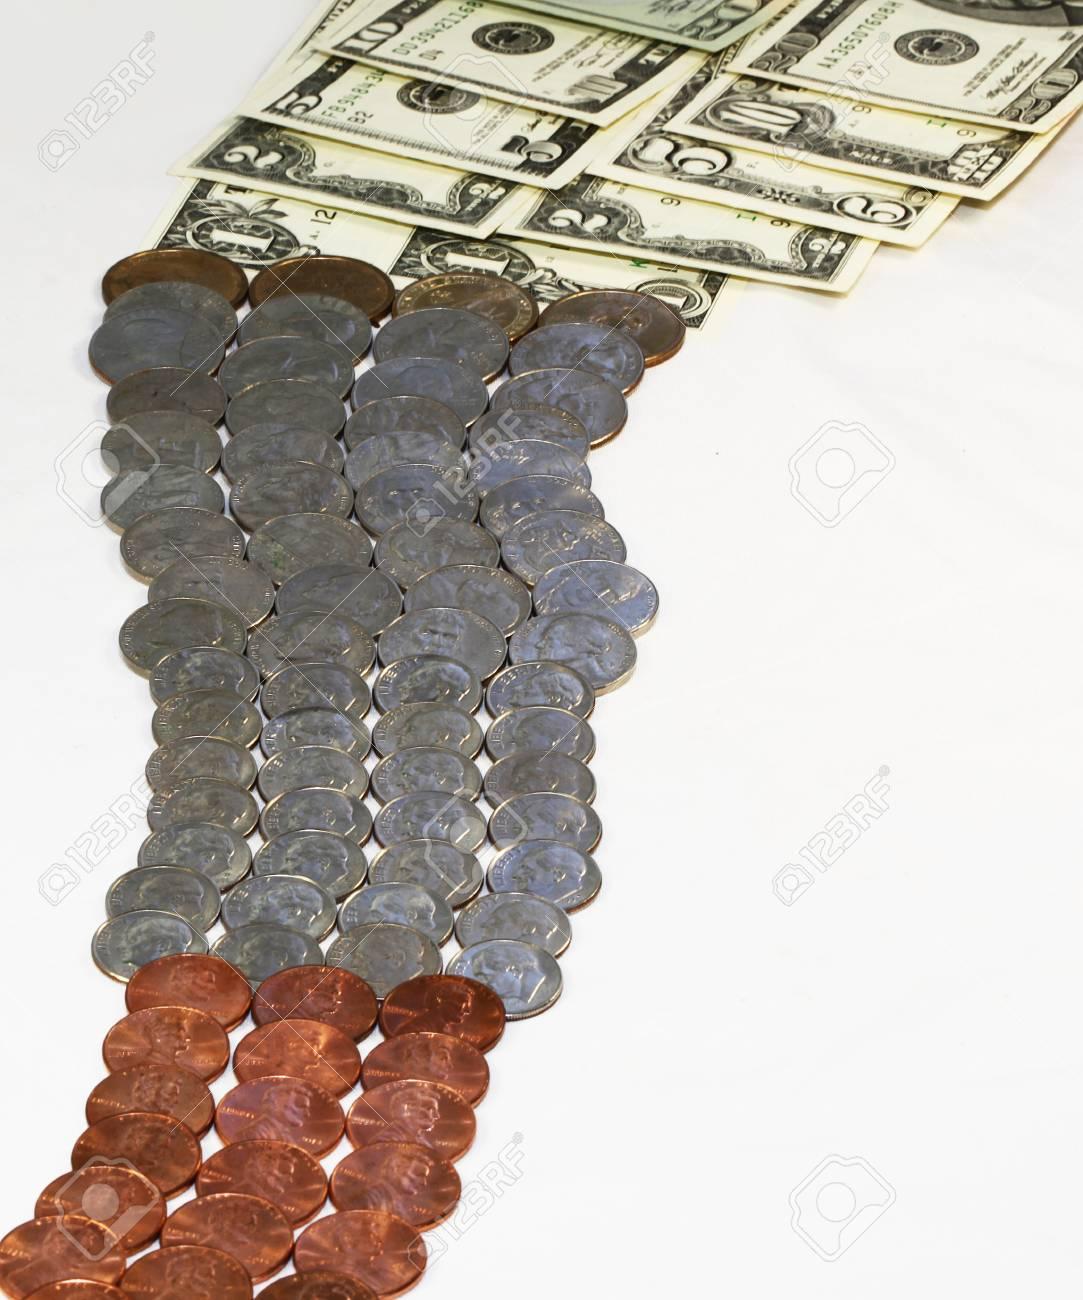 Us Dollar Scheine Und Münzen Lizenzfreie Fotos Bilder Und Stock